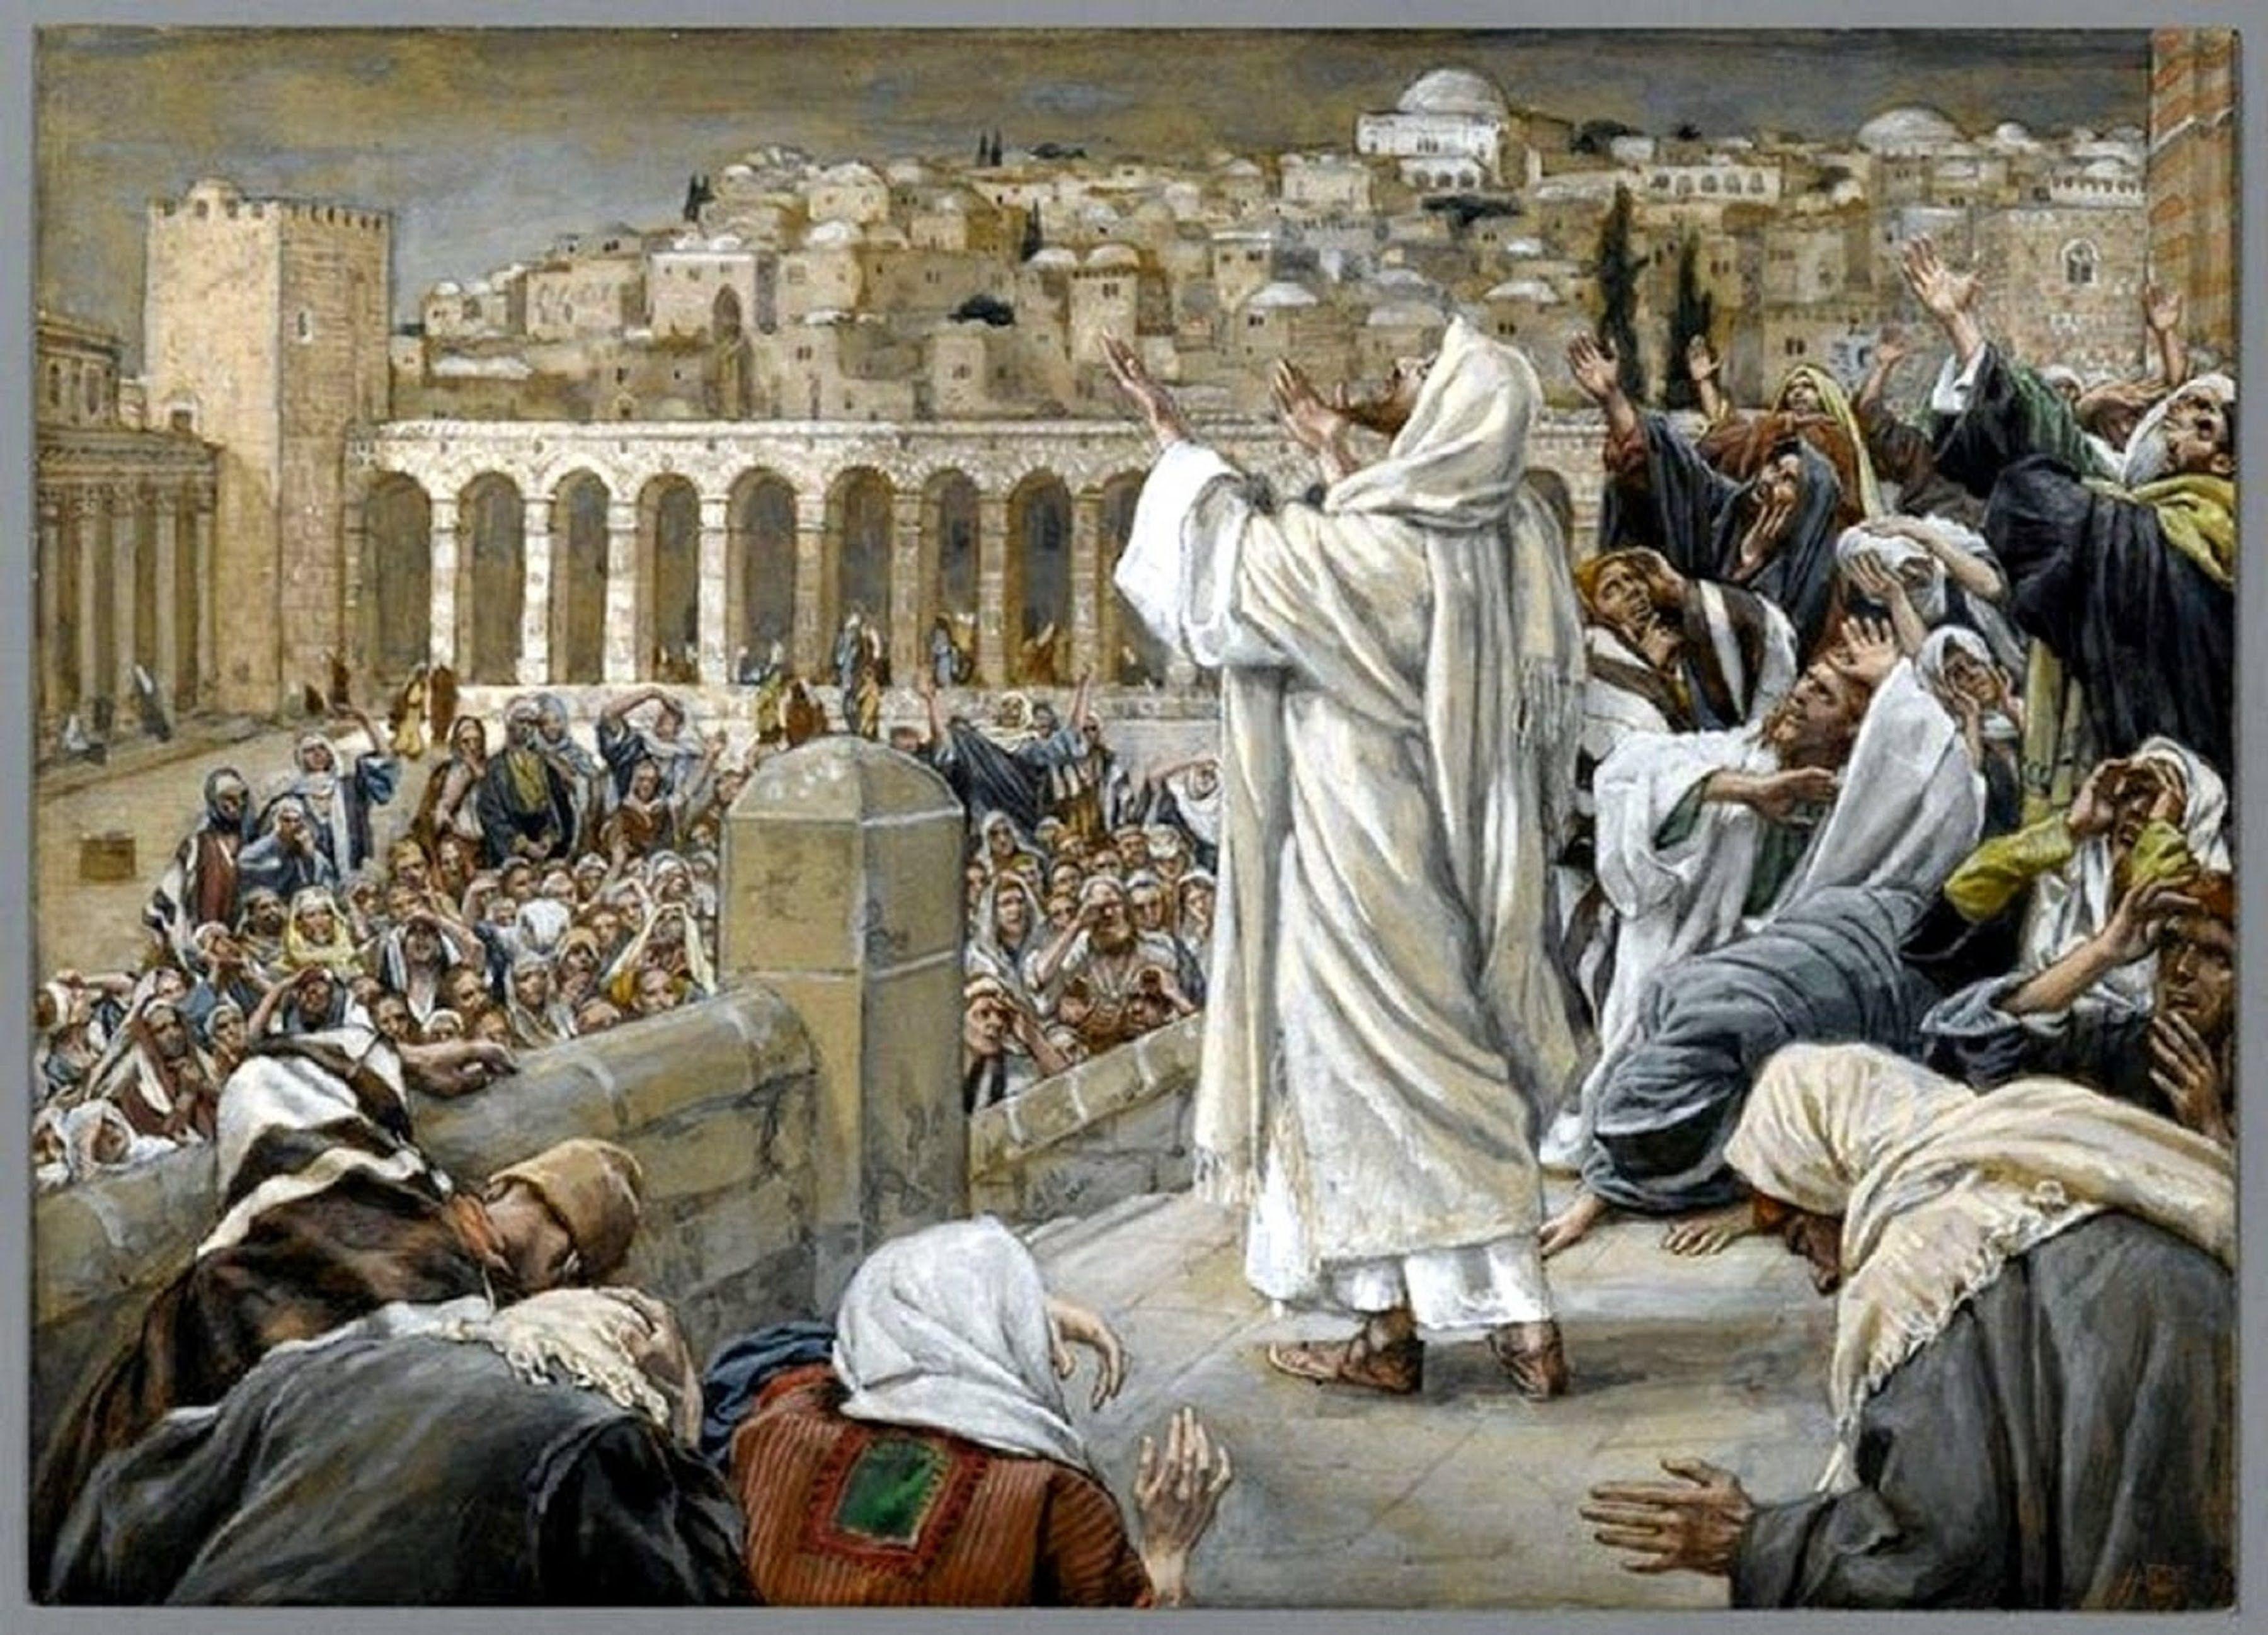 Evangelio del dia y comentario (Lc 12, 49-53) Jesús dijo a sus discípulos: Yo he venido a traer fuego sobre la tierra, ¡y cómo desearía que ya estuviera ardiendo! Tengo que recibir un bautismo, ¡y qué an...